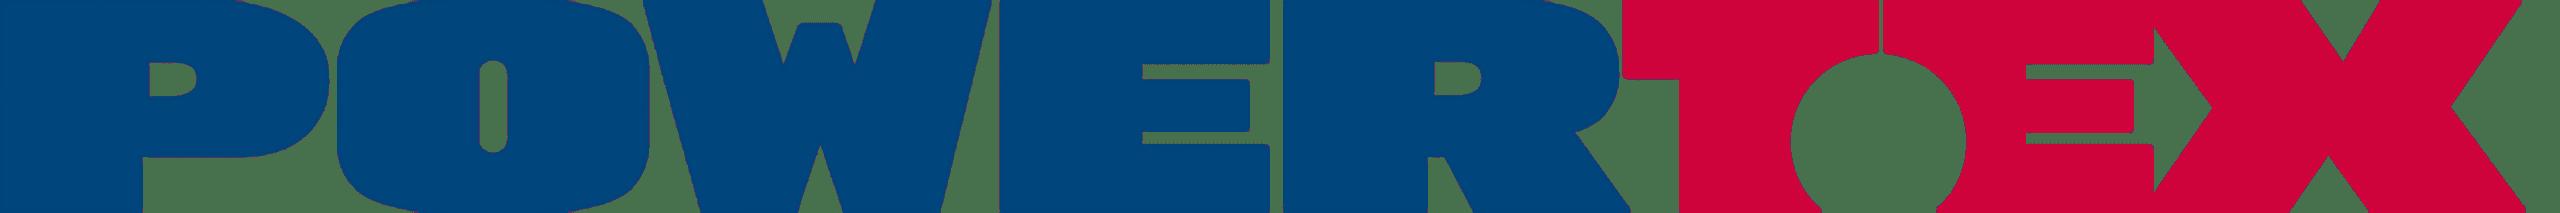 Powertex - Personligt fallskydd ska användas när det finns risk för fall. För ett komplett fallskydd krävs ett system som består av fallskyddssele, förankringspunkt, falldämpare och en kopplingsanordning.